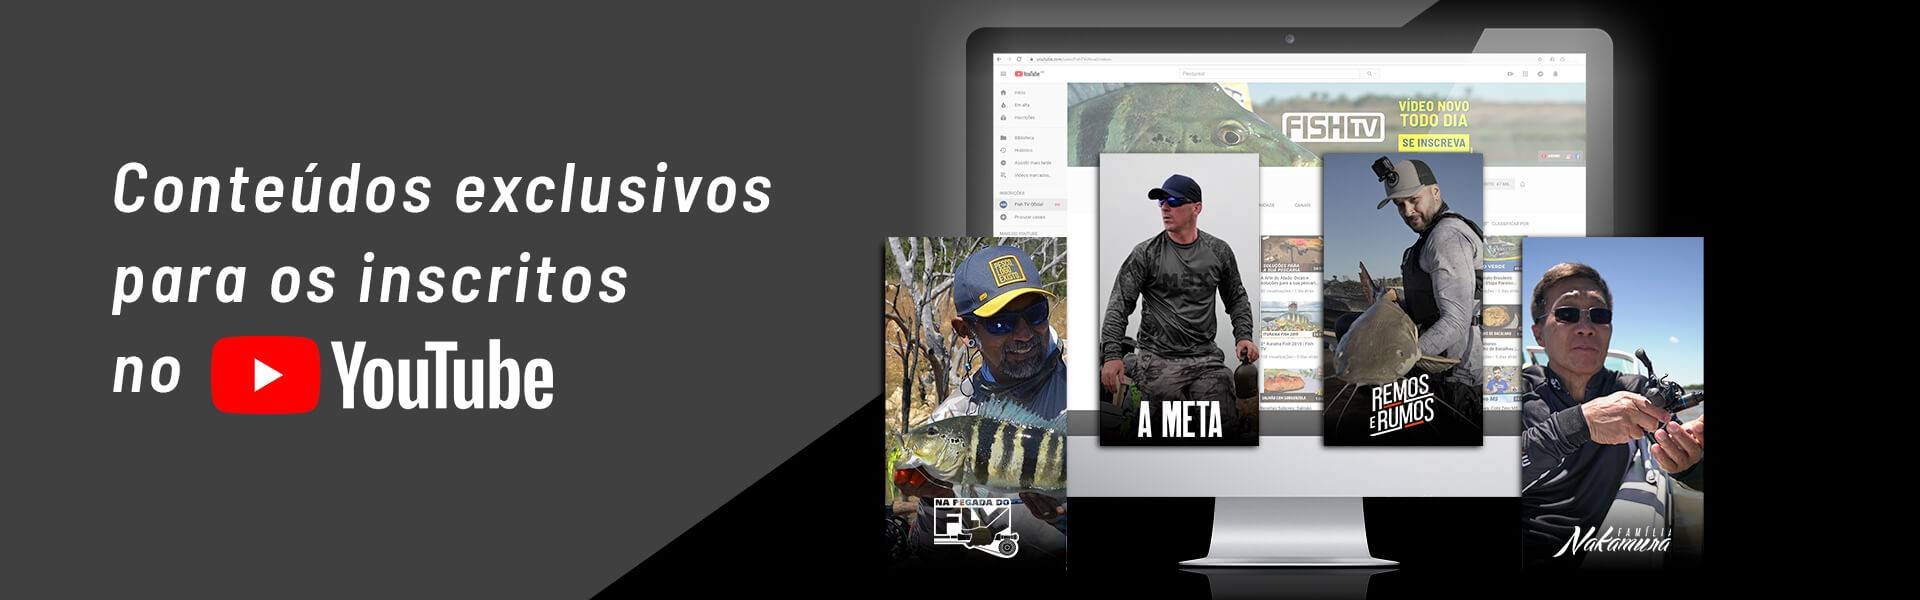 Vídeos novos para quem é inscrito no canal da Fish TV